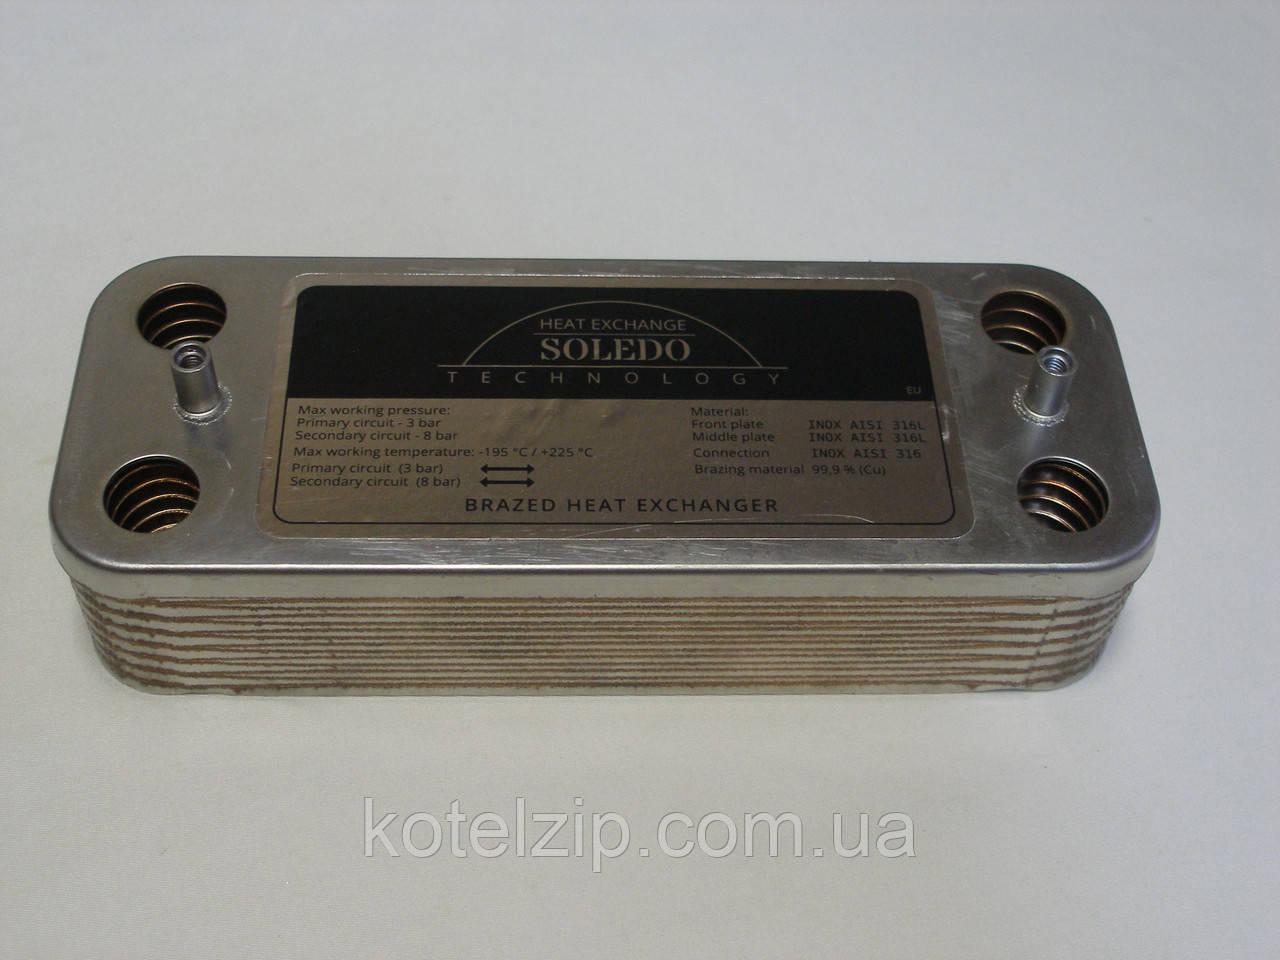 Запчасти к теплообменник пластинчатый Кожухотрубный испаритель WTK TFE 865 Балашов